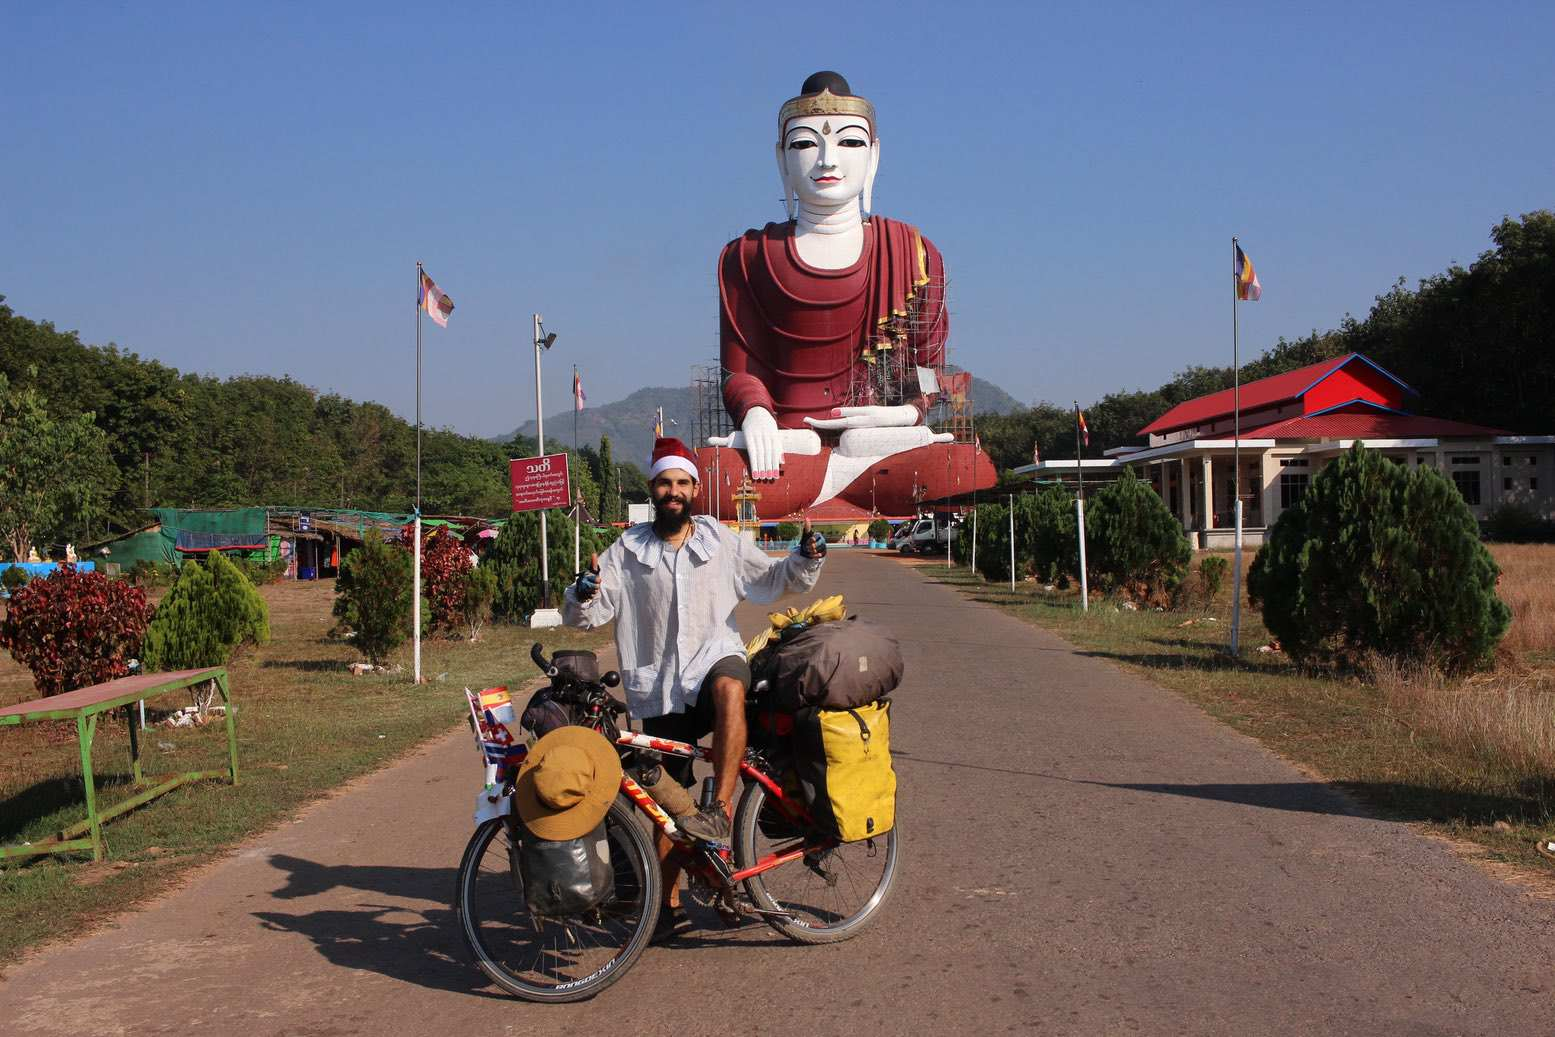 El%C3%ADas Escribano en Birmania por Navidad04 - Perlé desea FELIZ NAVIDAD a todos sus seguidoresdesde Birmania.